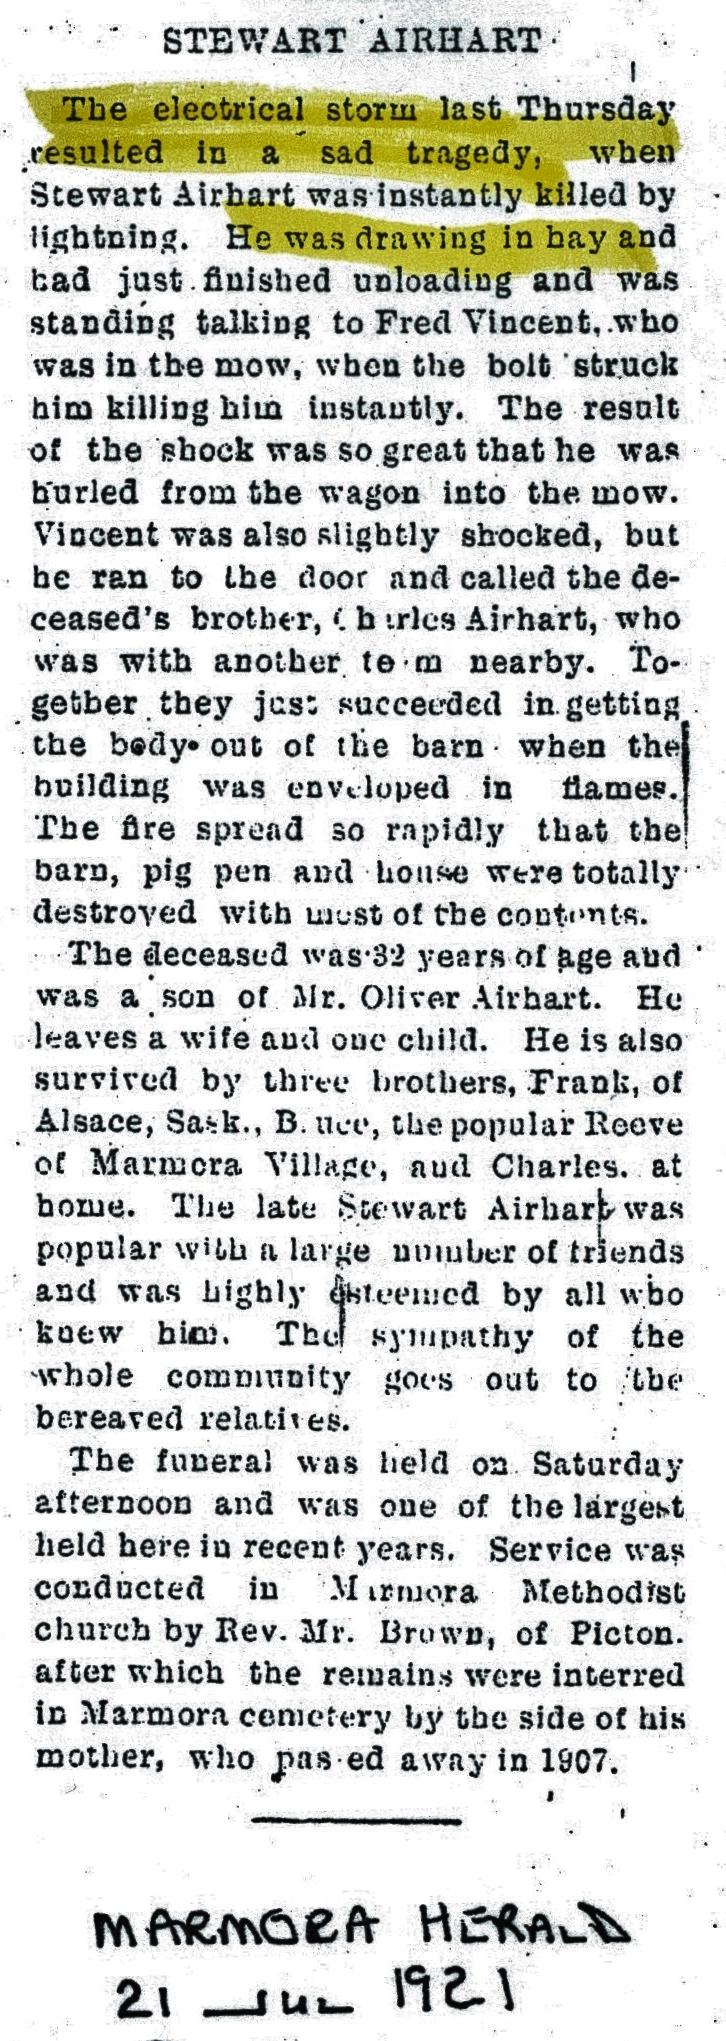 Airhart, Stewart, farmer, 1889-1932, lightening strike.jpg